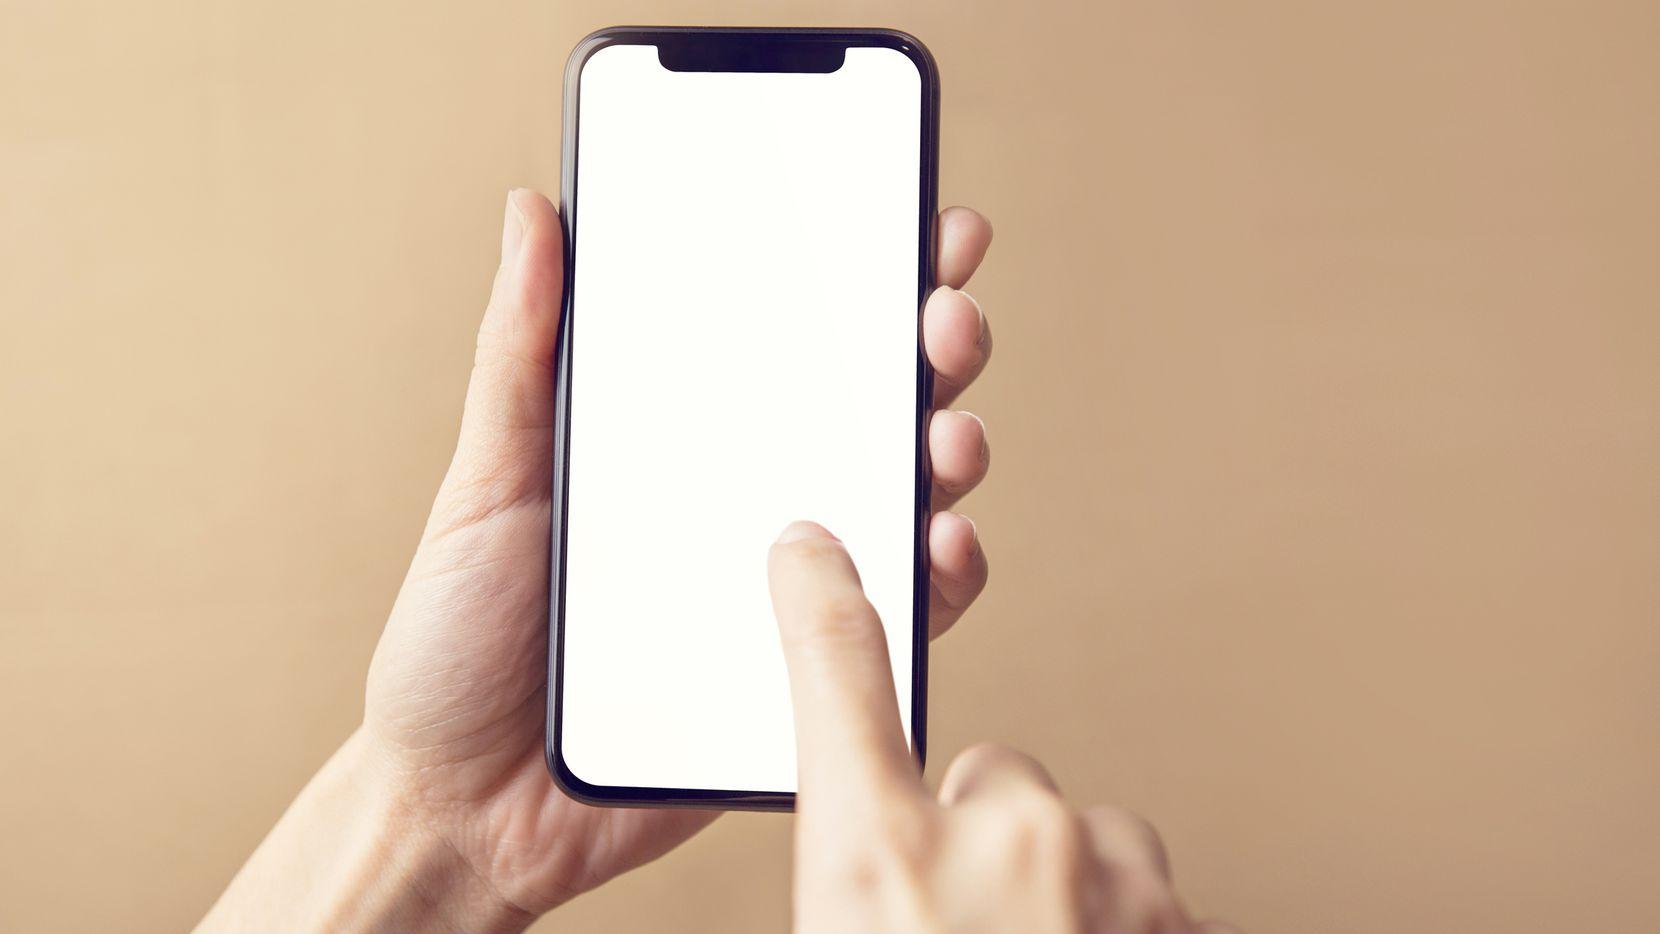 Enviar imágenes sexuales explícitas por cualquier medio electrónico ahora acarrea una multa de hasta $500 en Texas.